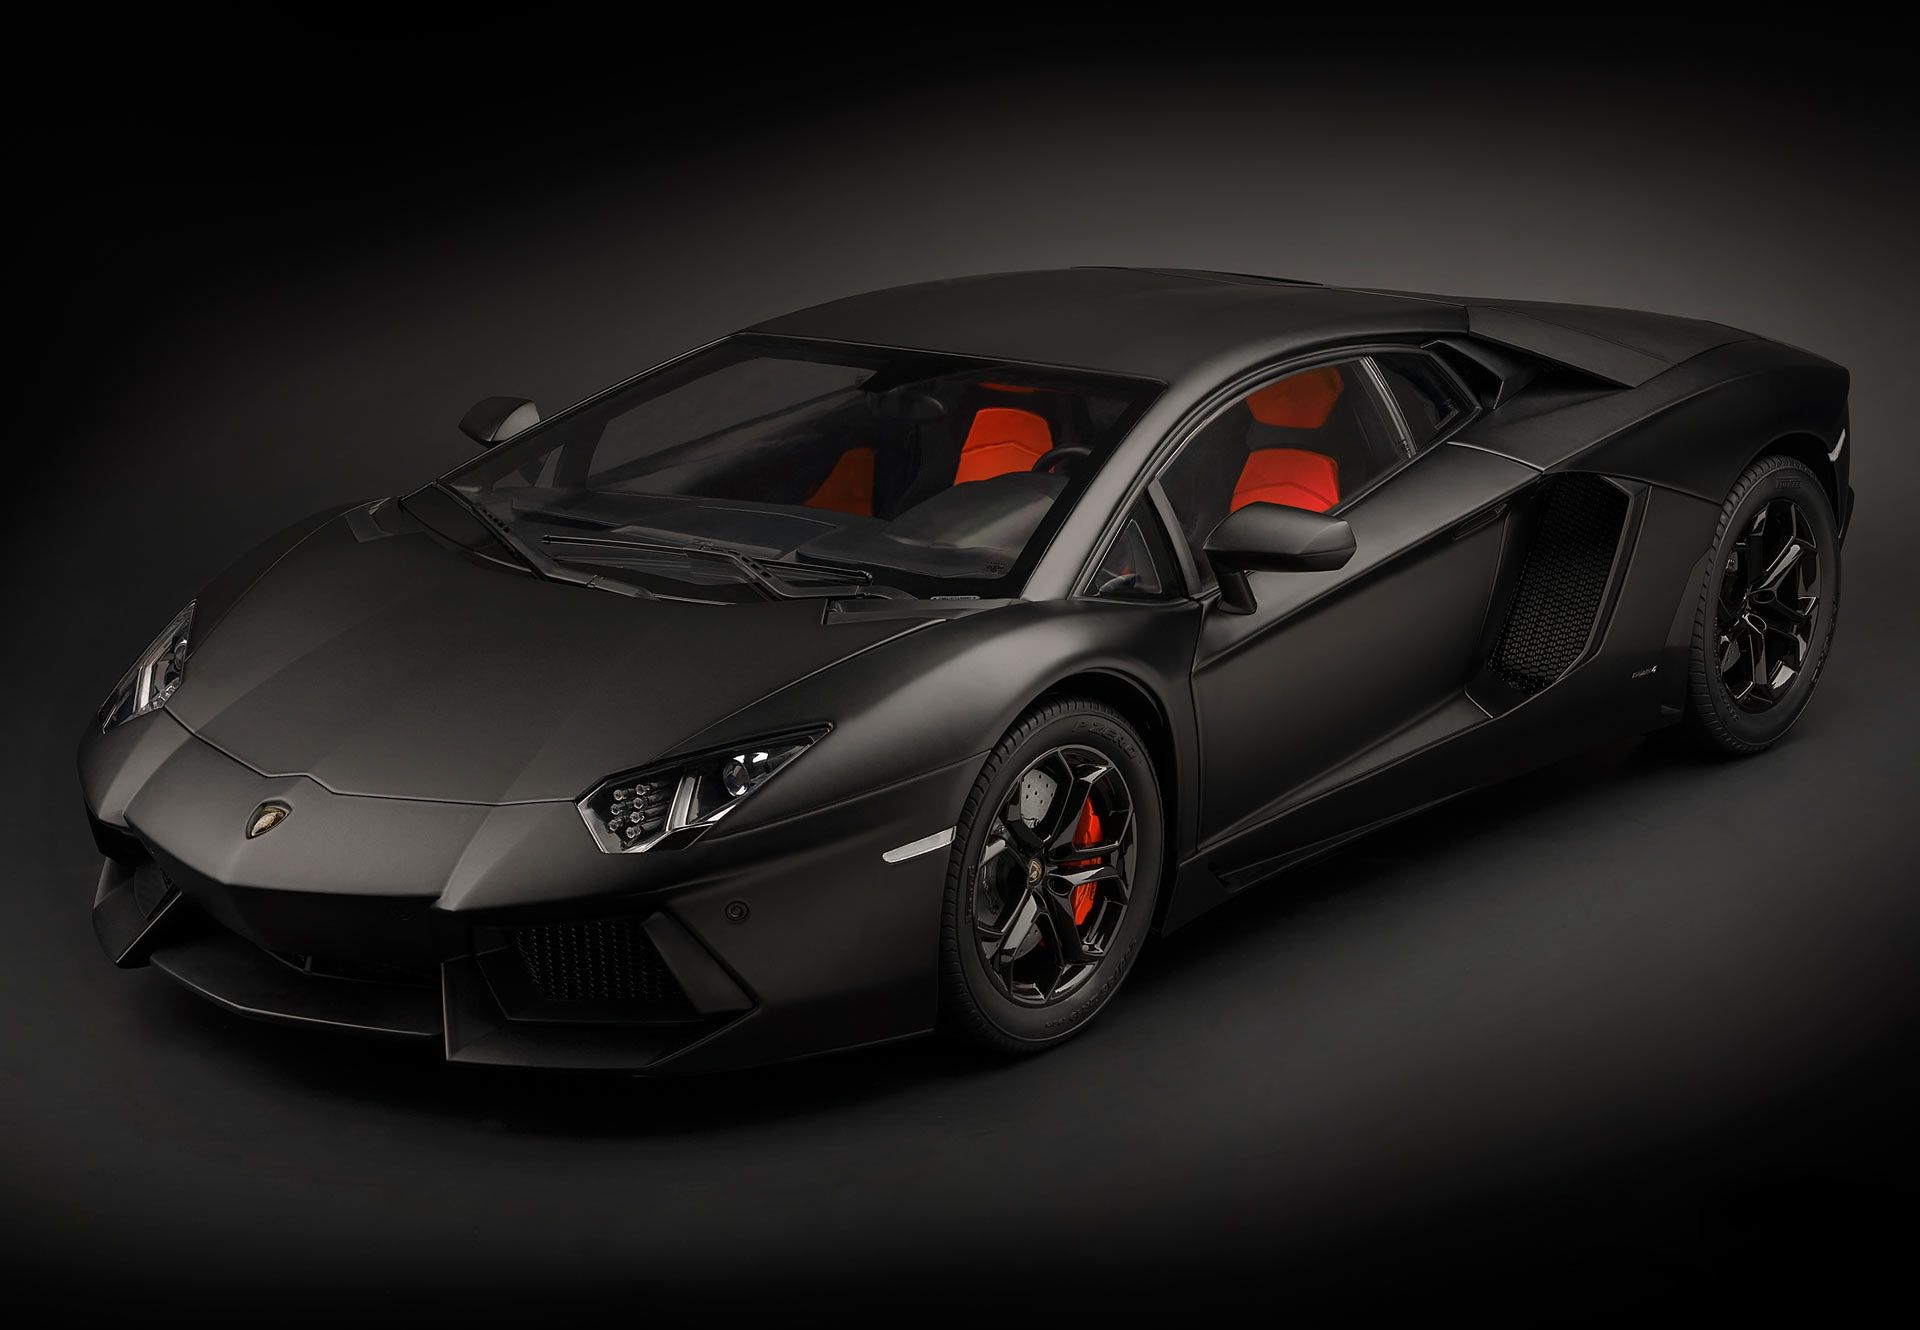 Picture Gallery for Pocher HK102 Lamborghini Aventador LP 700-4 - Nero Ne